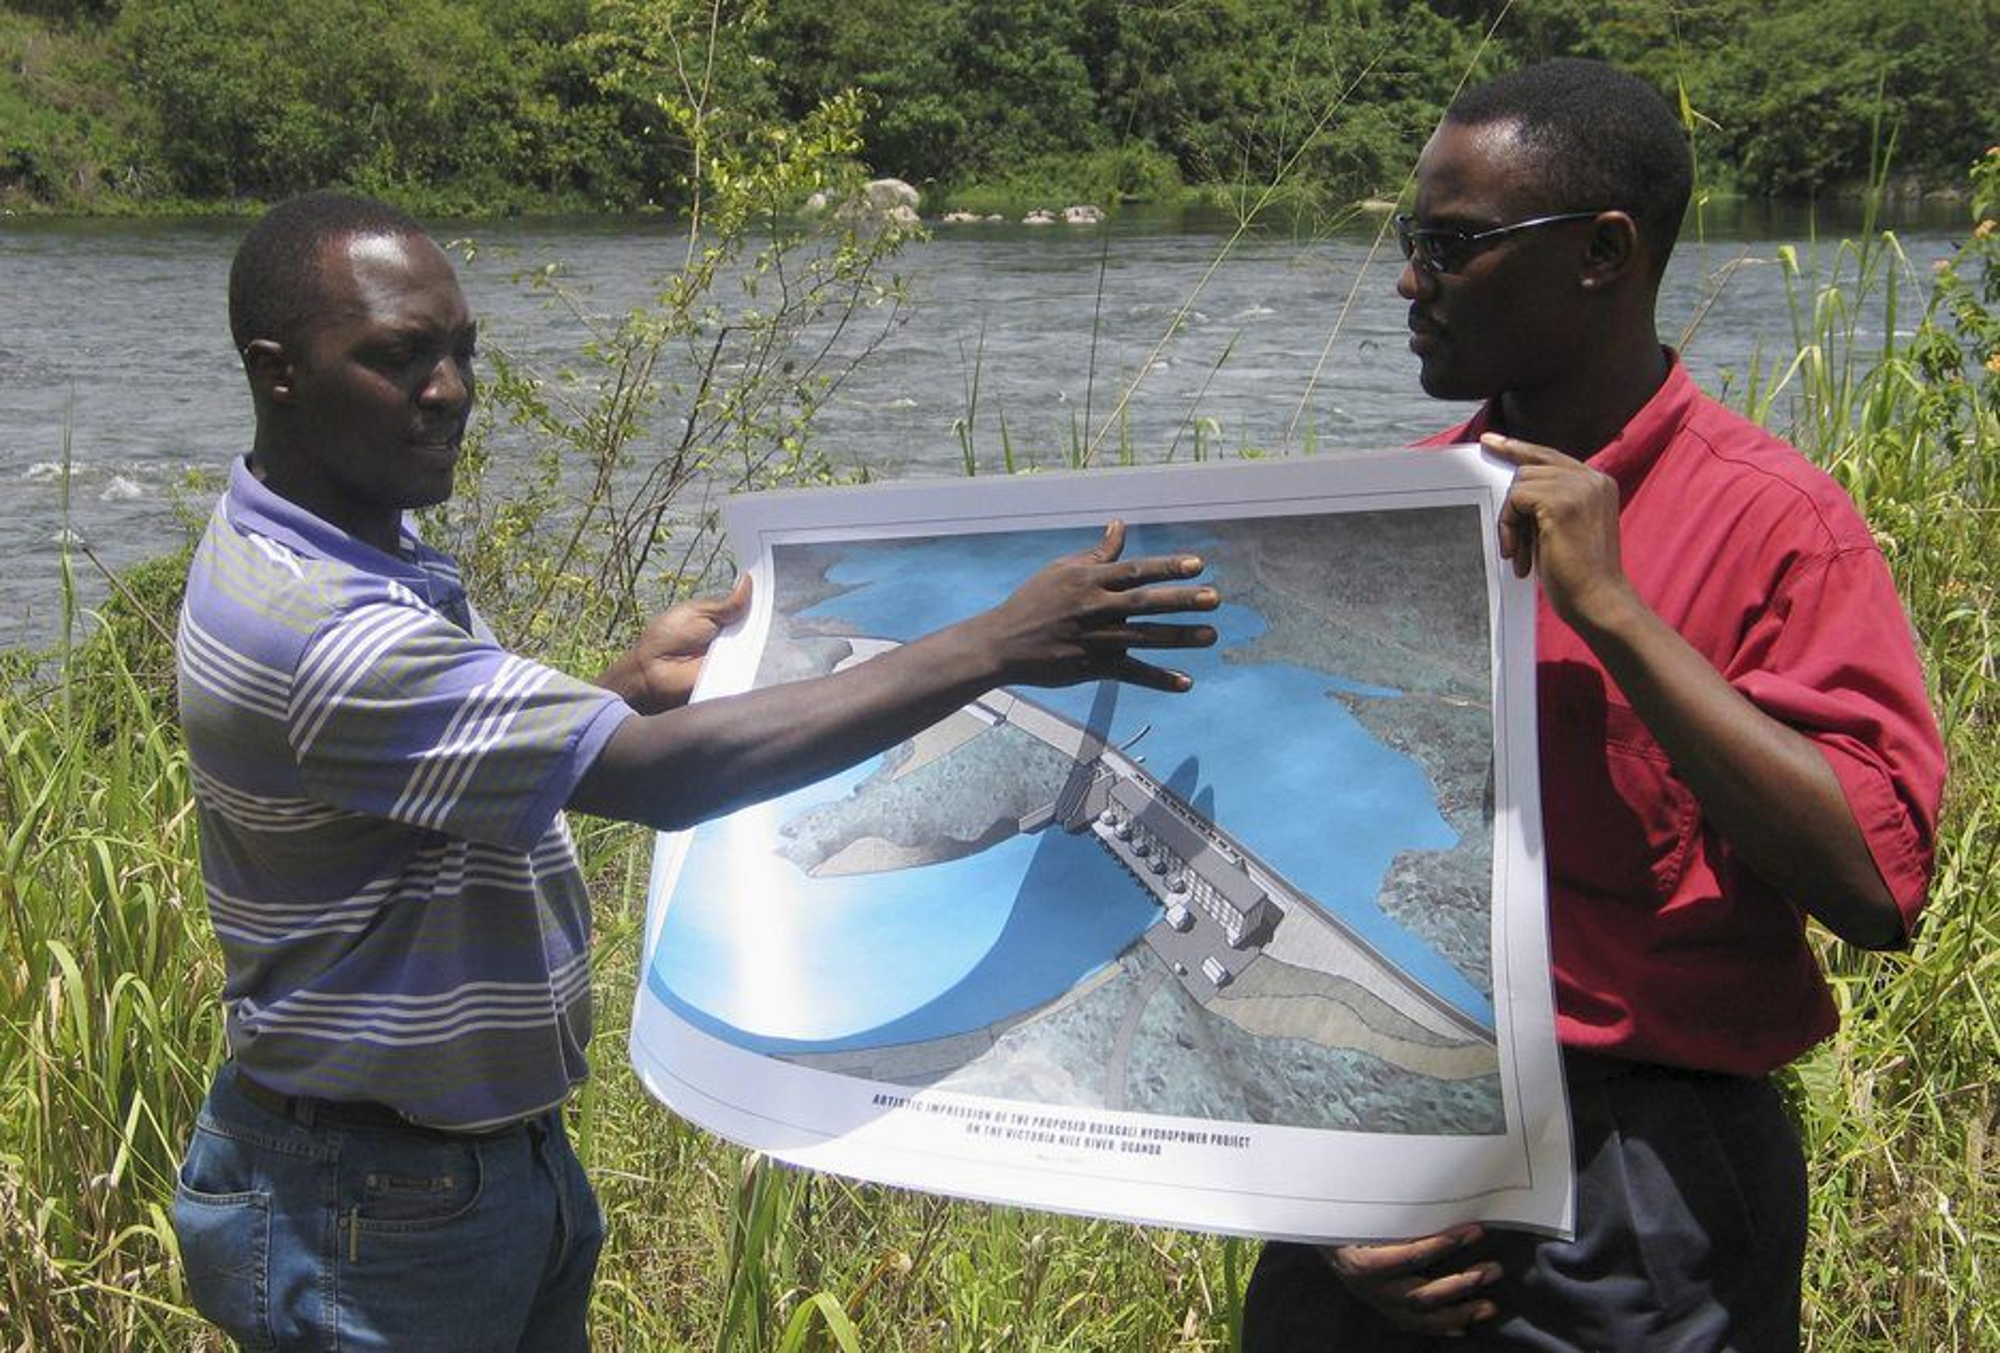 MISTET STØTTEN: Representanter for energiselskapet viser frem en illustrasjon av det planlagte vannkraftverket i Bujagali i Uganda i juli 2007. De norske selskapene Veidekke og Norplan deltok i første fase av utbyggingen, men nå har Verdensbanken trukket sin støtte til prosjektet på grunn av korrupsjonsanklager. Arkivfoto: Reuters/Scanpix